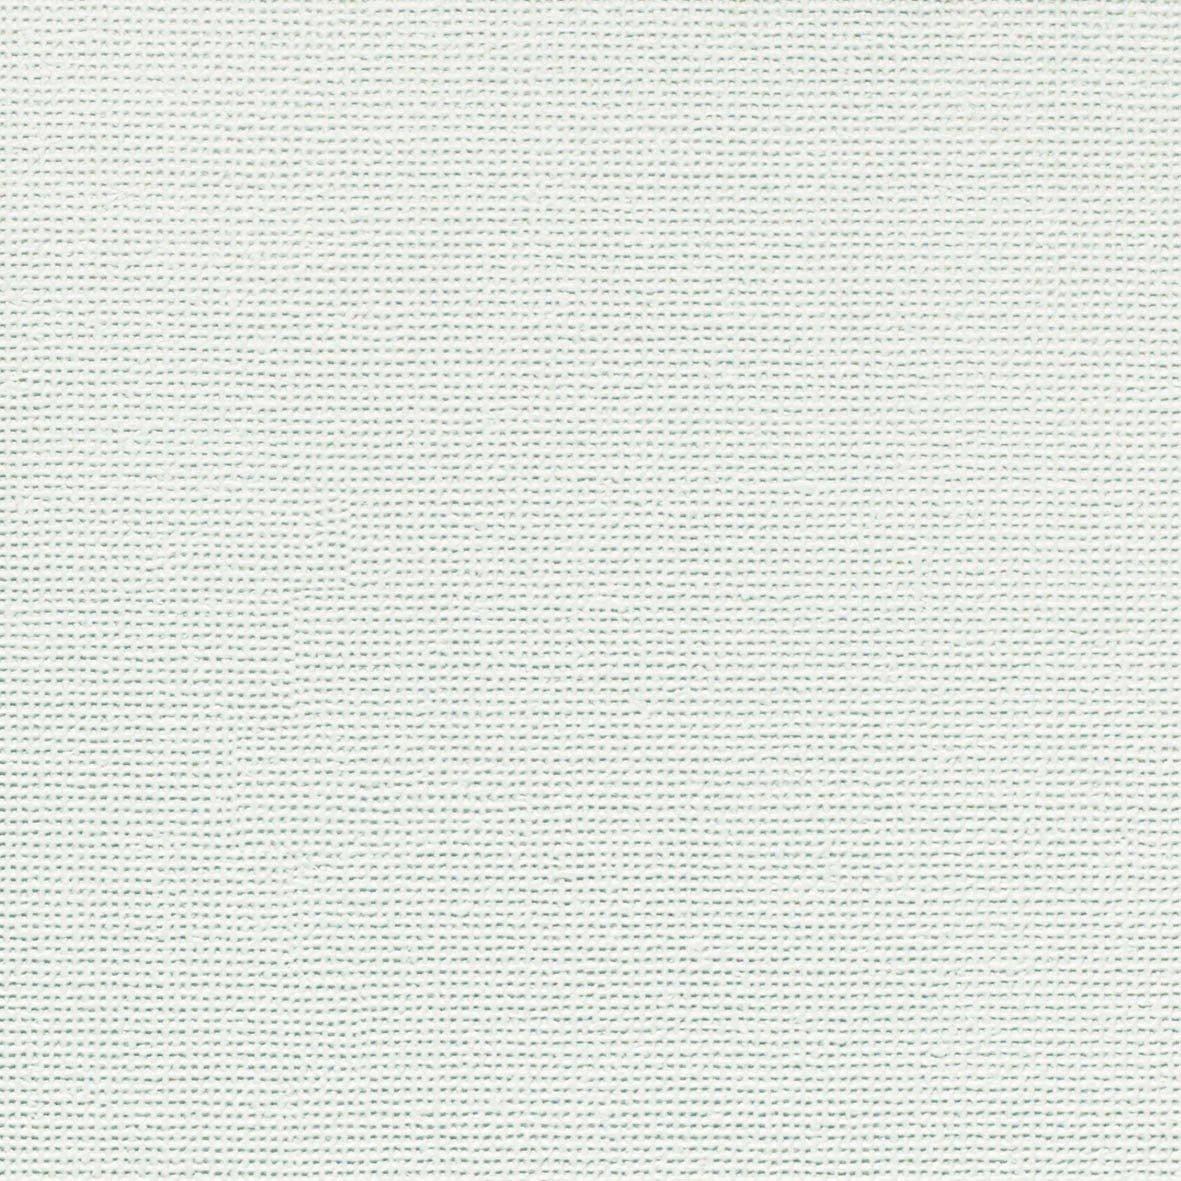 リリカラ 壁紙38m シンフル 織物調 グレー 撥水トップコートComfort Selection-Basic & Color- LW-2261 B0761322WL 38m|グレー3